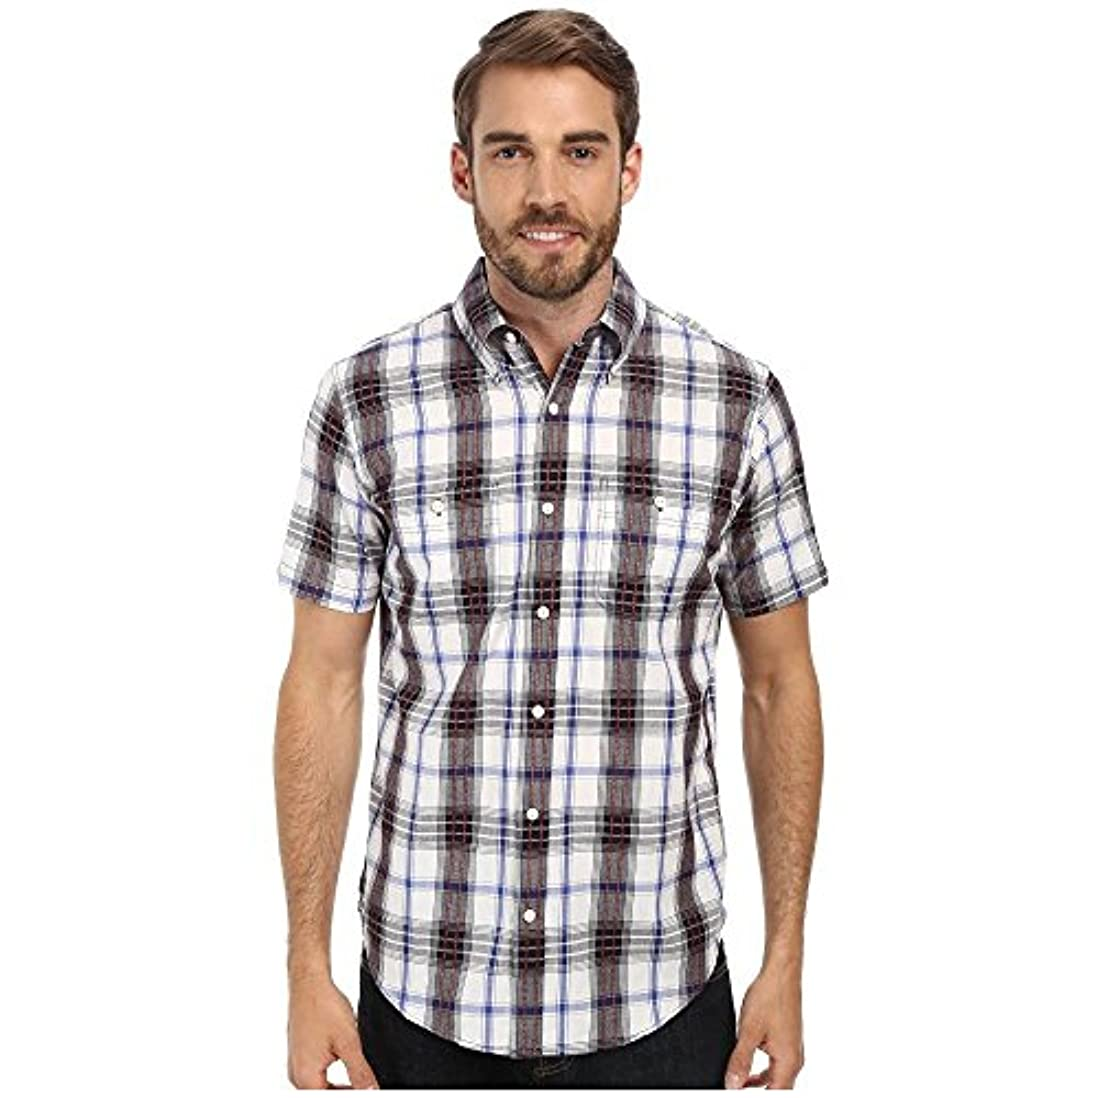 層遅滞パイプ(ユーエスポロアッスン) U.S. POLO ASSN. メンズ トップス シャツ Plaid Slim Fit Sport Shirt [並行輸入品]